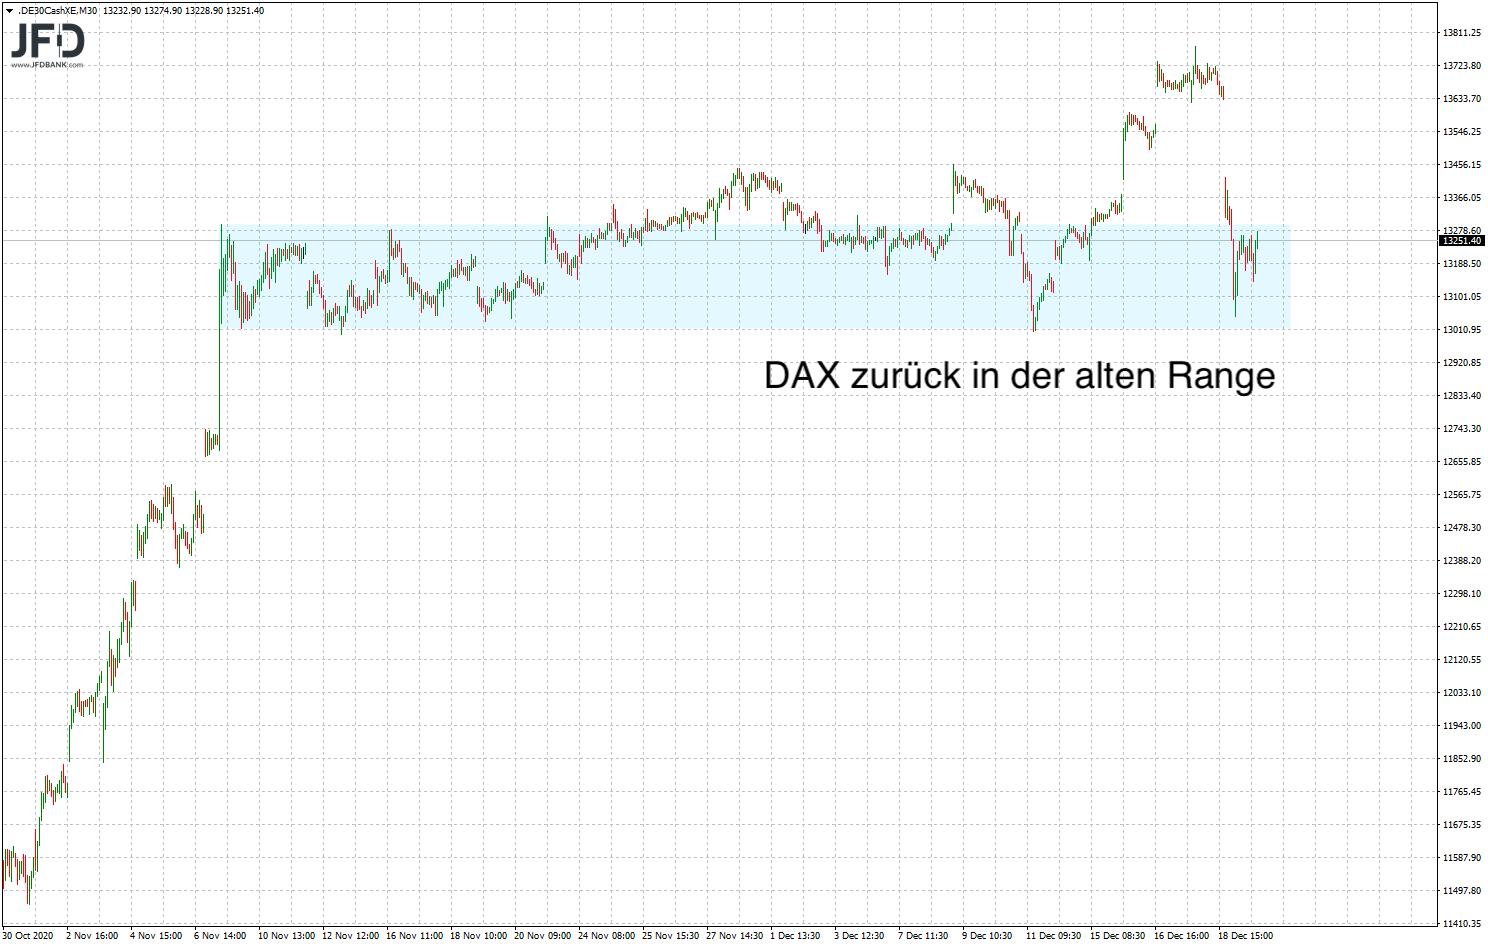 DAX-Range wieder aktiv